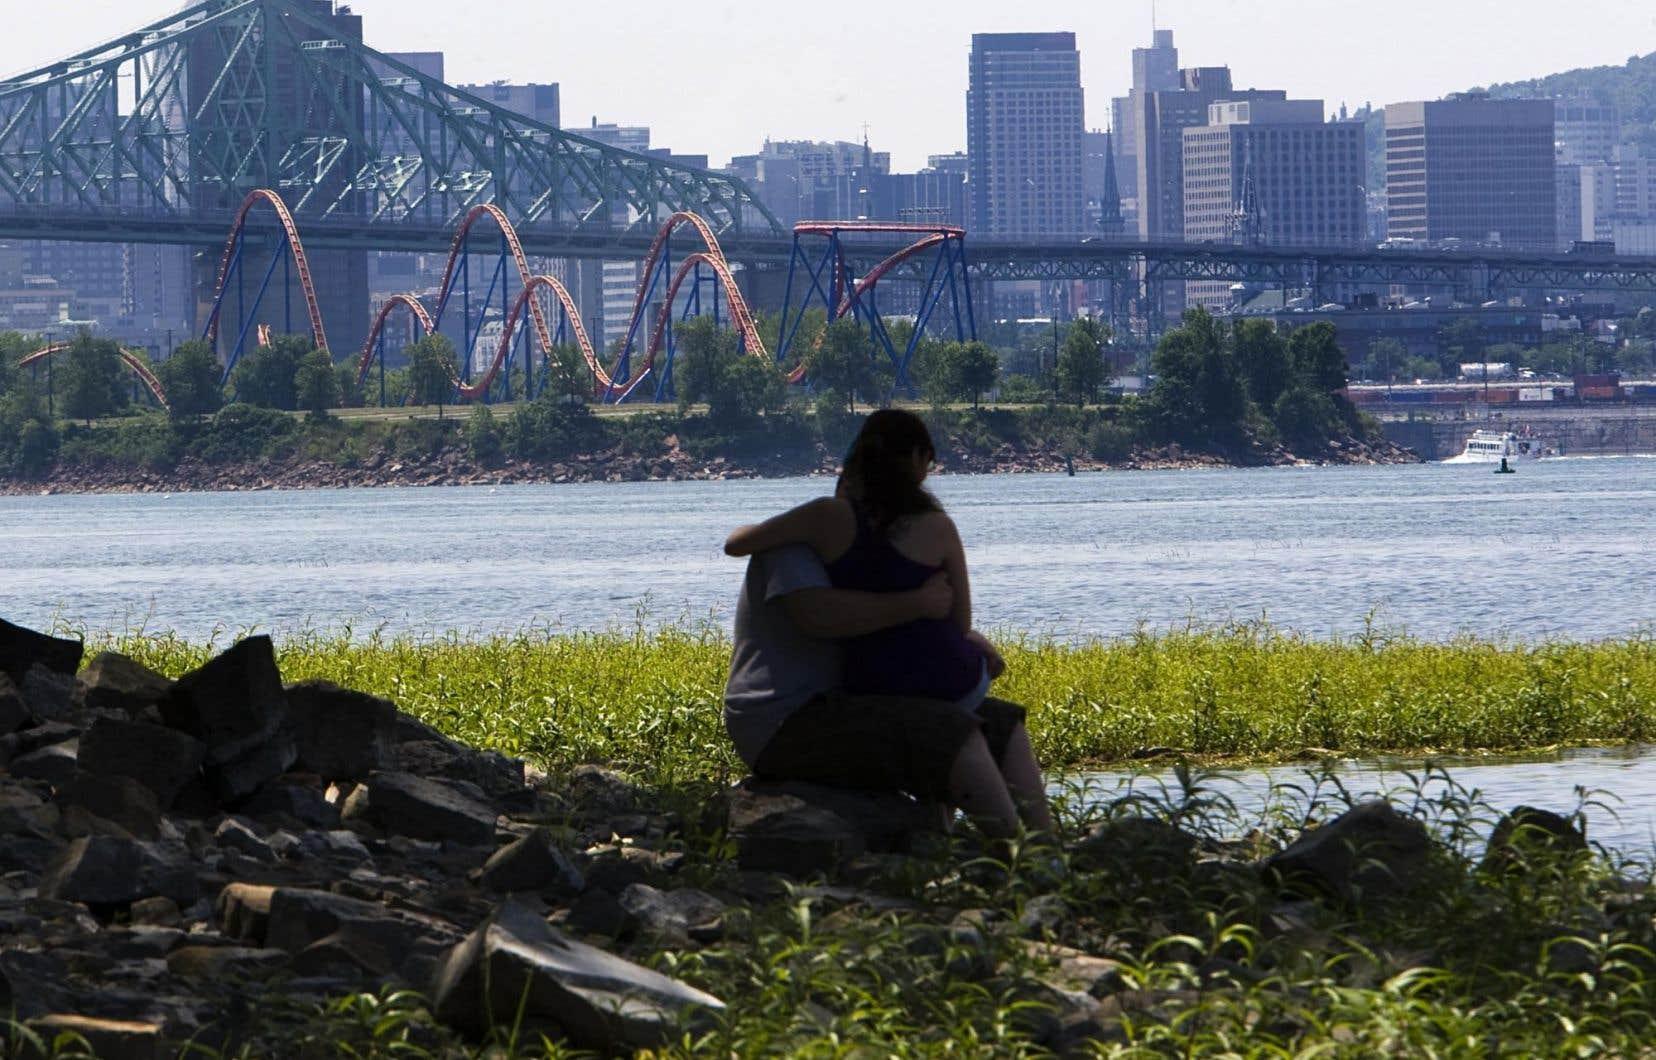 Un Canadien sur dix croit que le consentement n'est pas nécessaire, ou ne savaient pas s'il est nécessaire, entre des époux ou des partenaires de longue date.